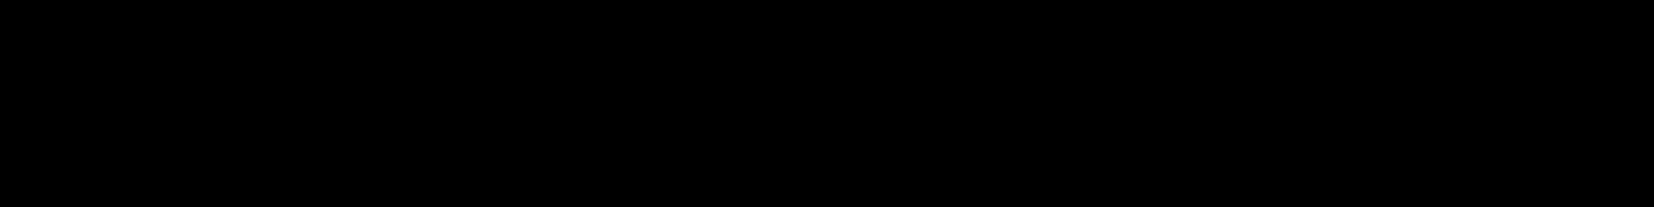 حركة مناهضة العنصرية logo